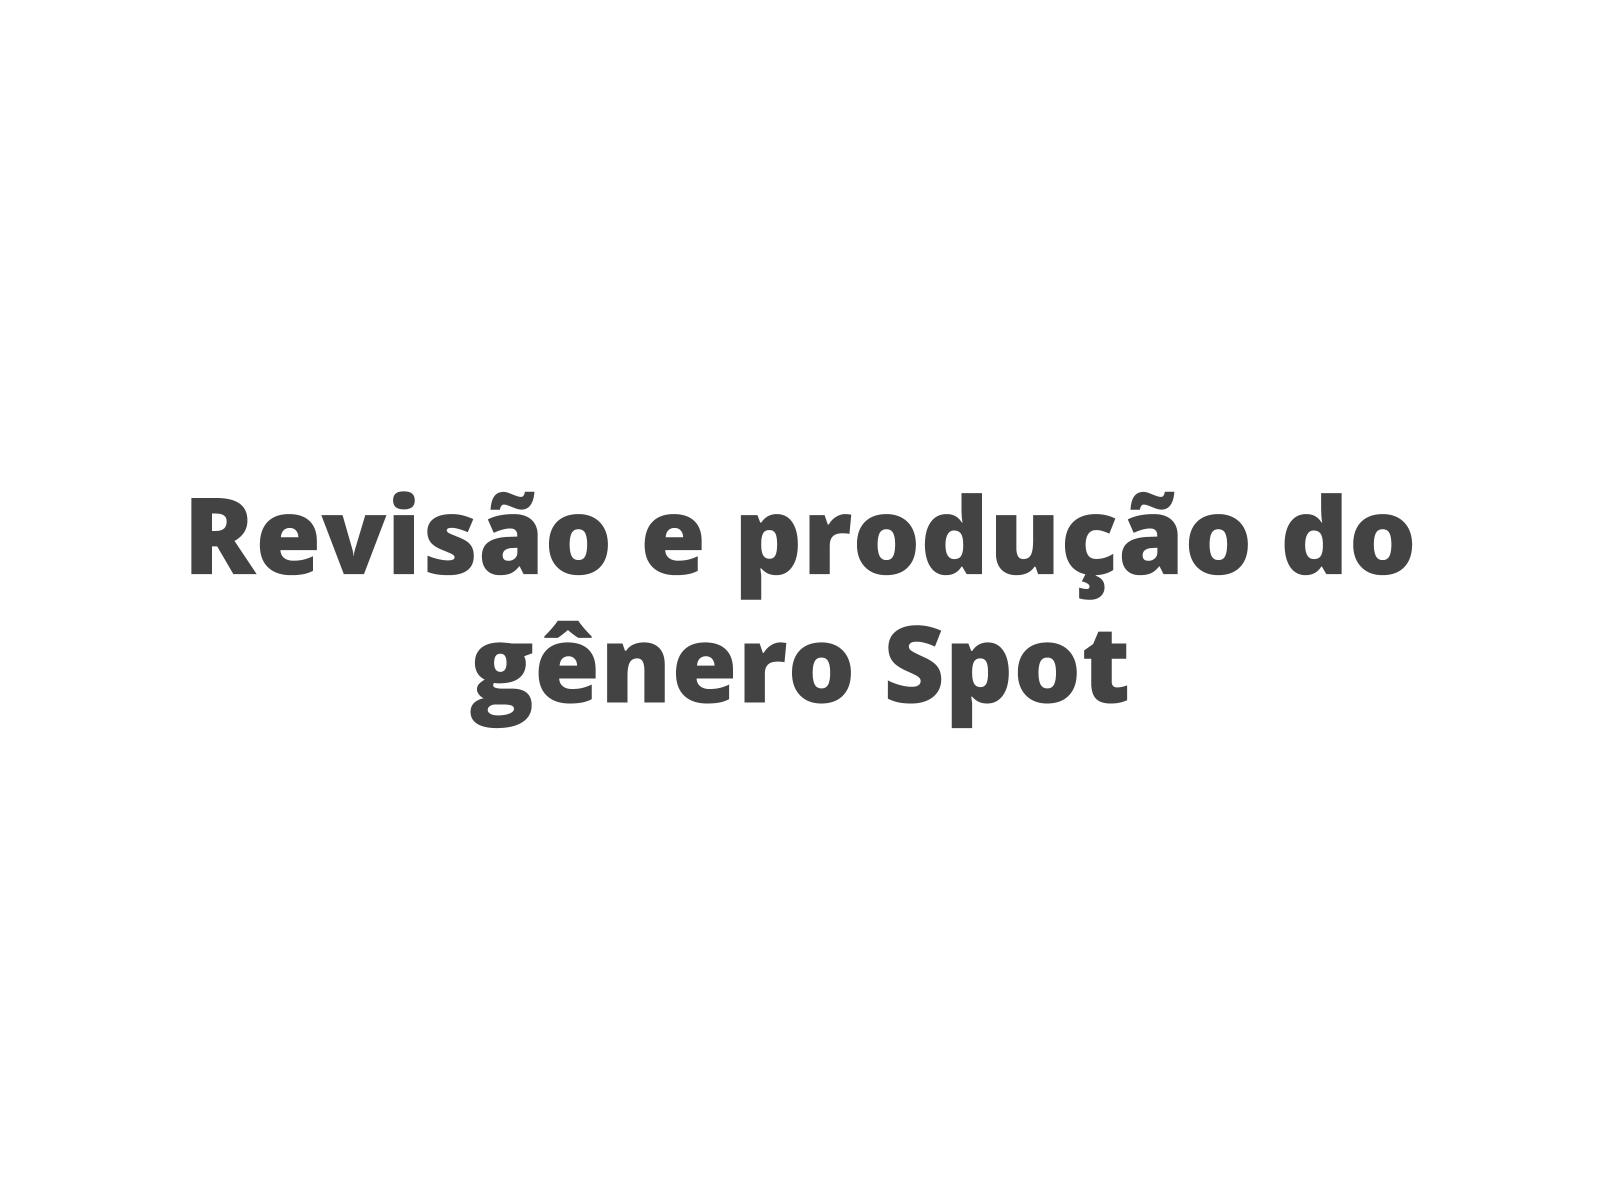 Gênero Spot: revisar e produzir